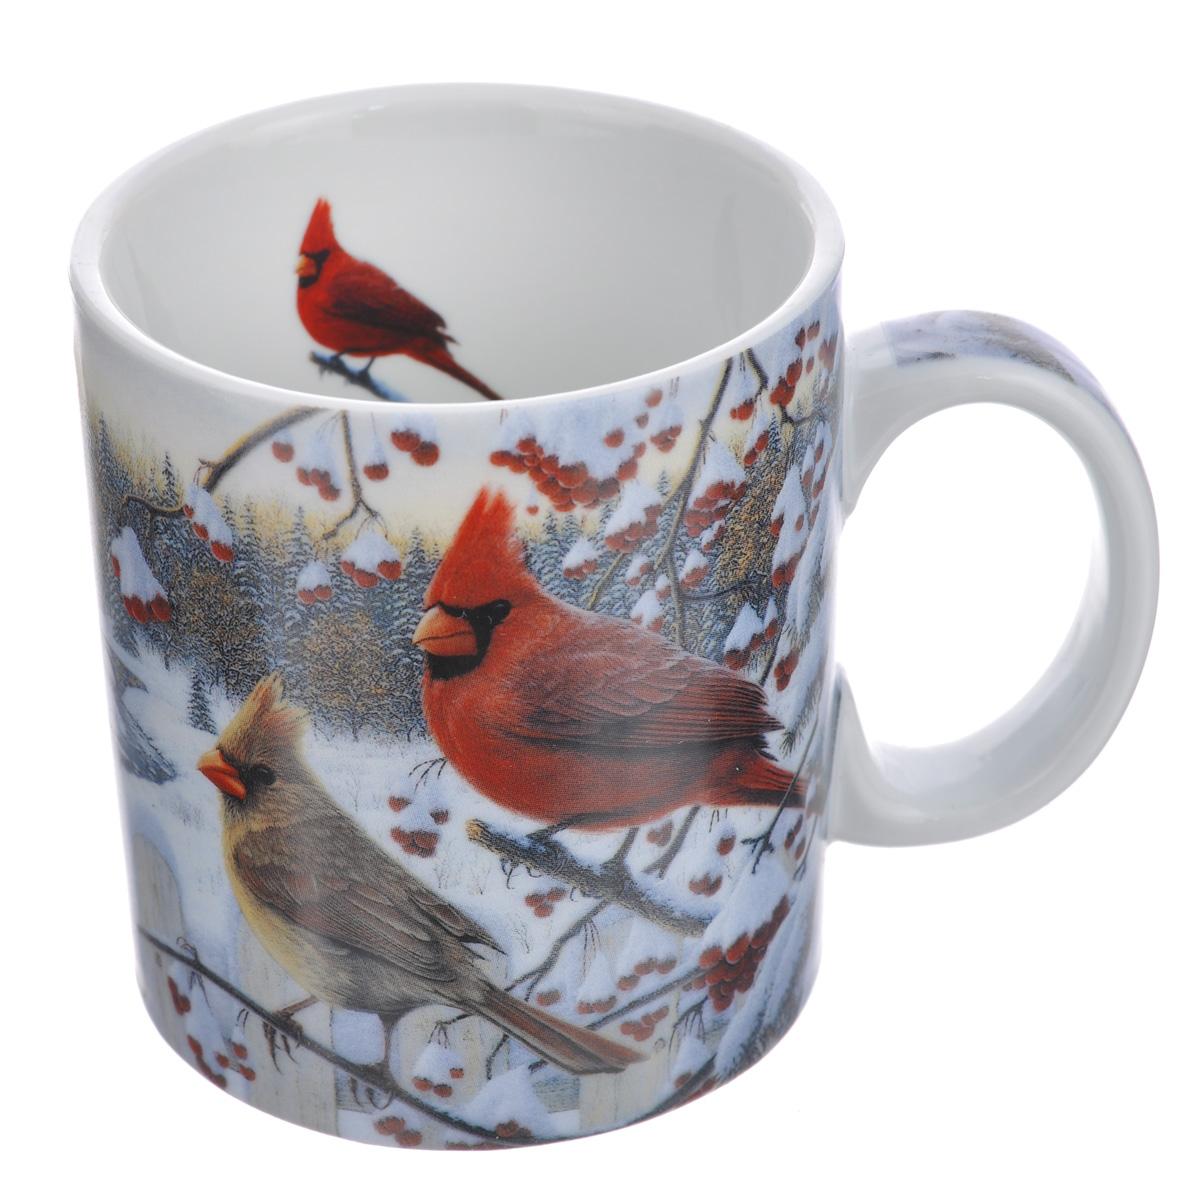 Кружка Reflective Art White Crimson Morning, 425 мл115510Кружка Reflective Art White Crimson Morning изготовлена из высококачественного фарфора. Изделие оформлено красочным изображением зимней природы по мотивам картины американского художника Кима Норлиена. Ручка также оформлена изображением, внутренняя поверхность кружки белого цвета декорирована изображением птицы. Такая кружка согреет горячим чаем в зимние вечера и станет прекрасным сувениром к Новому Году.Можно использовать в микроволновой печи и мыть в посудомоечной машине.